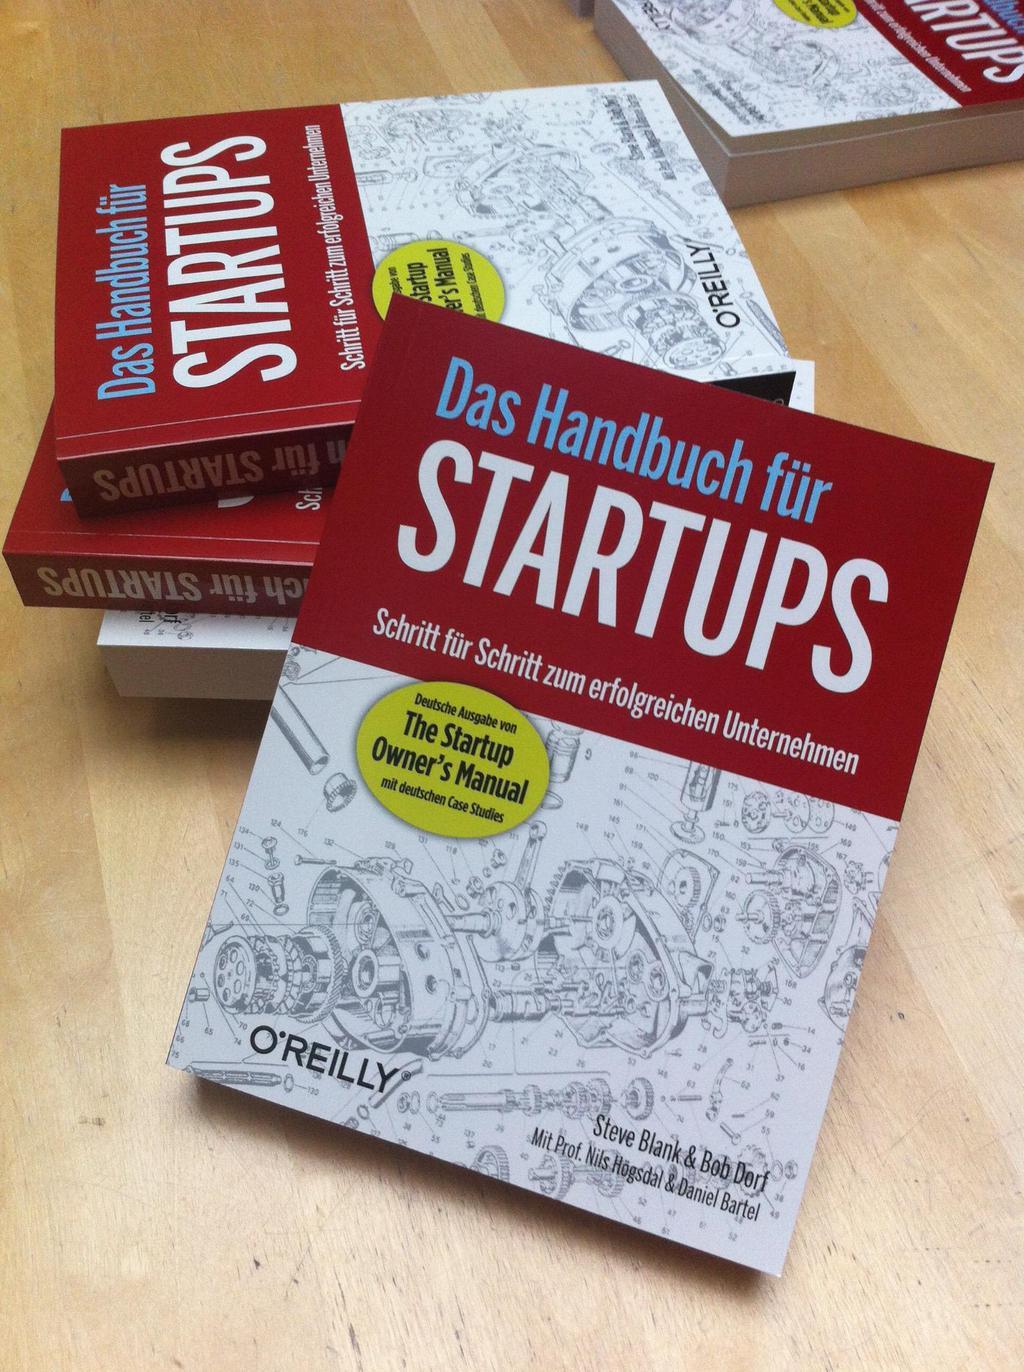 Verlosung: Das Handbuch für Startups